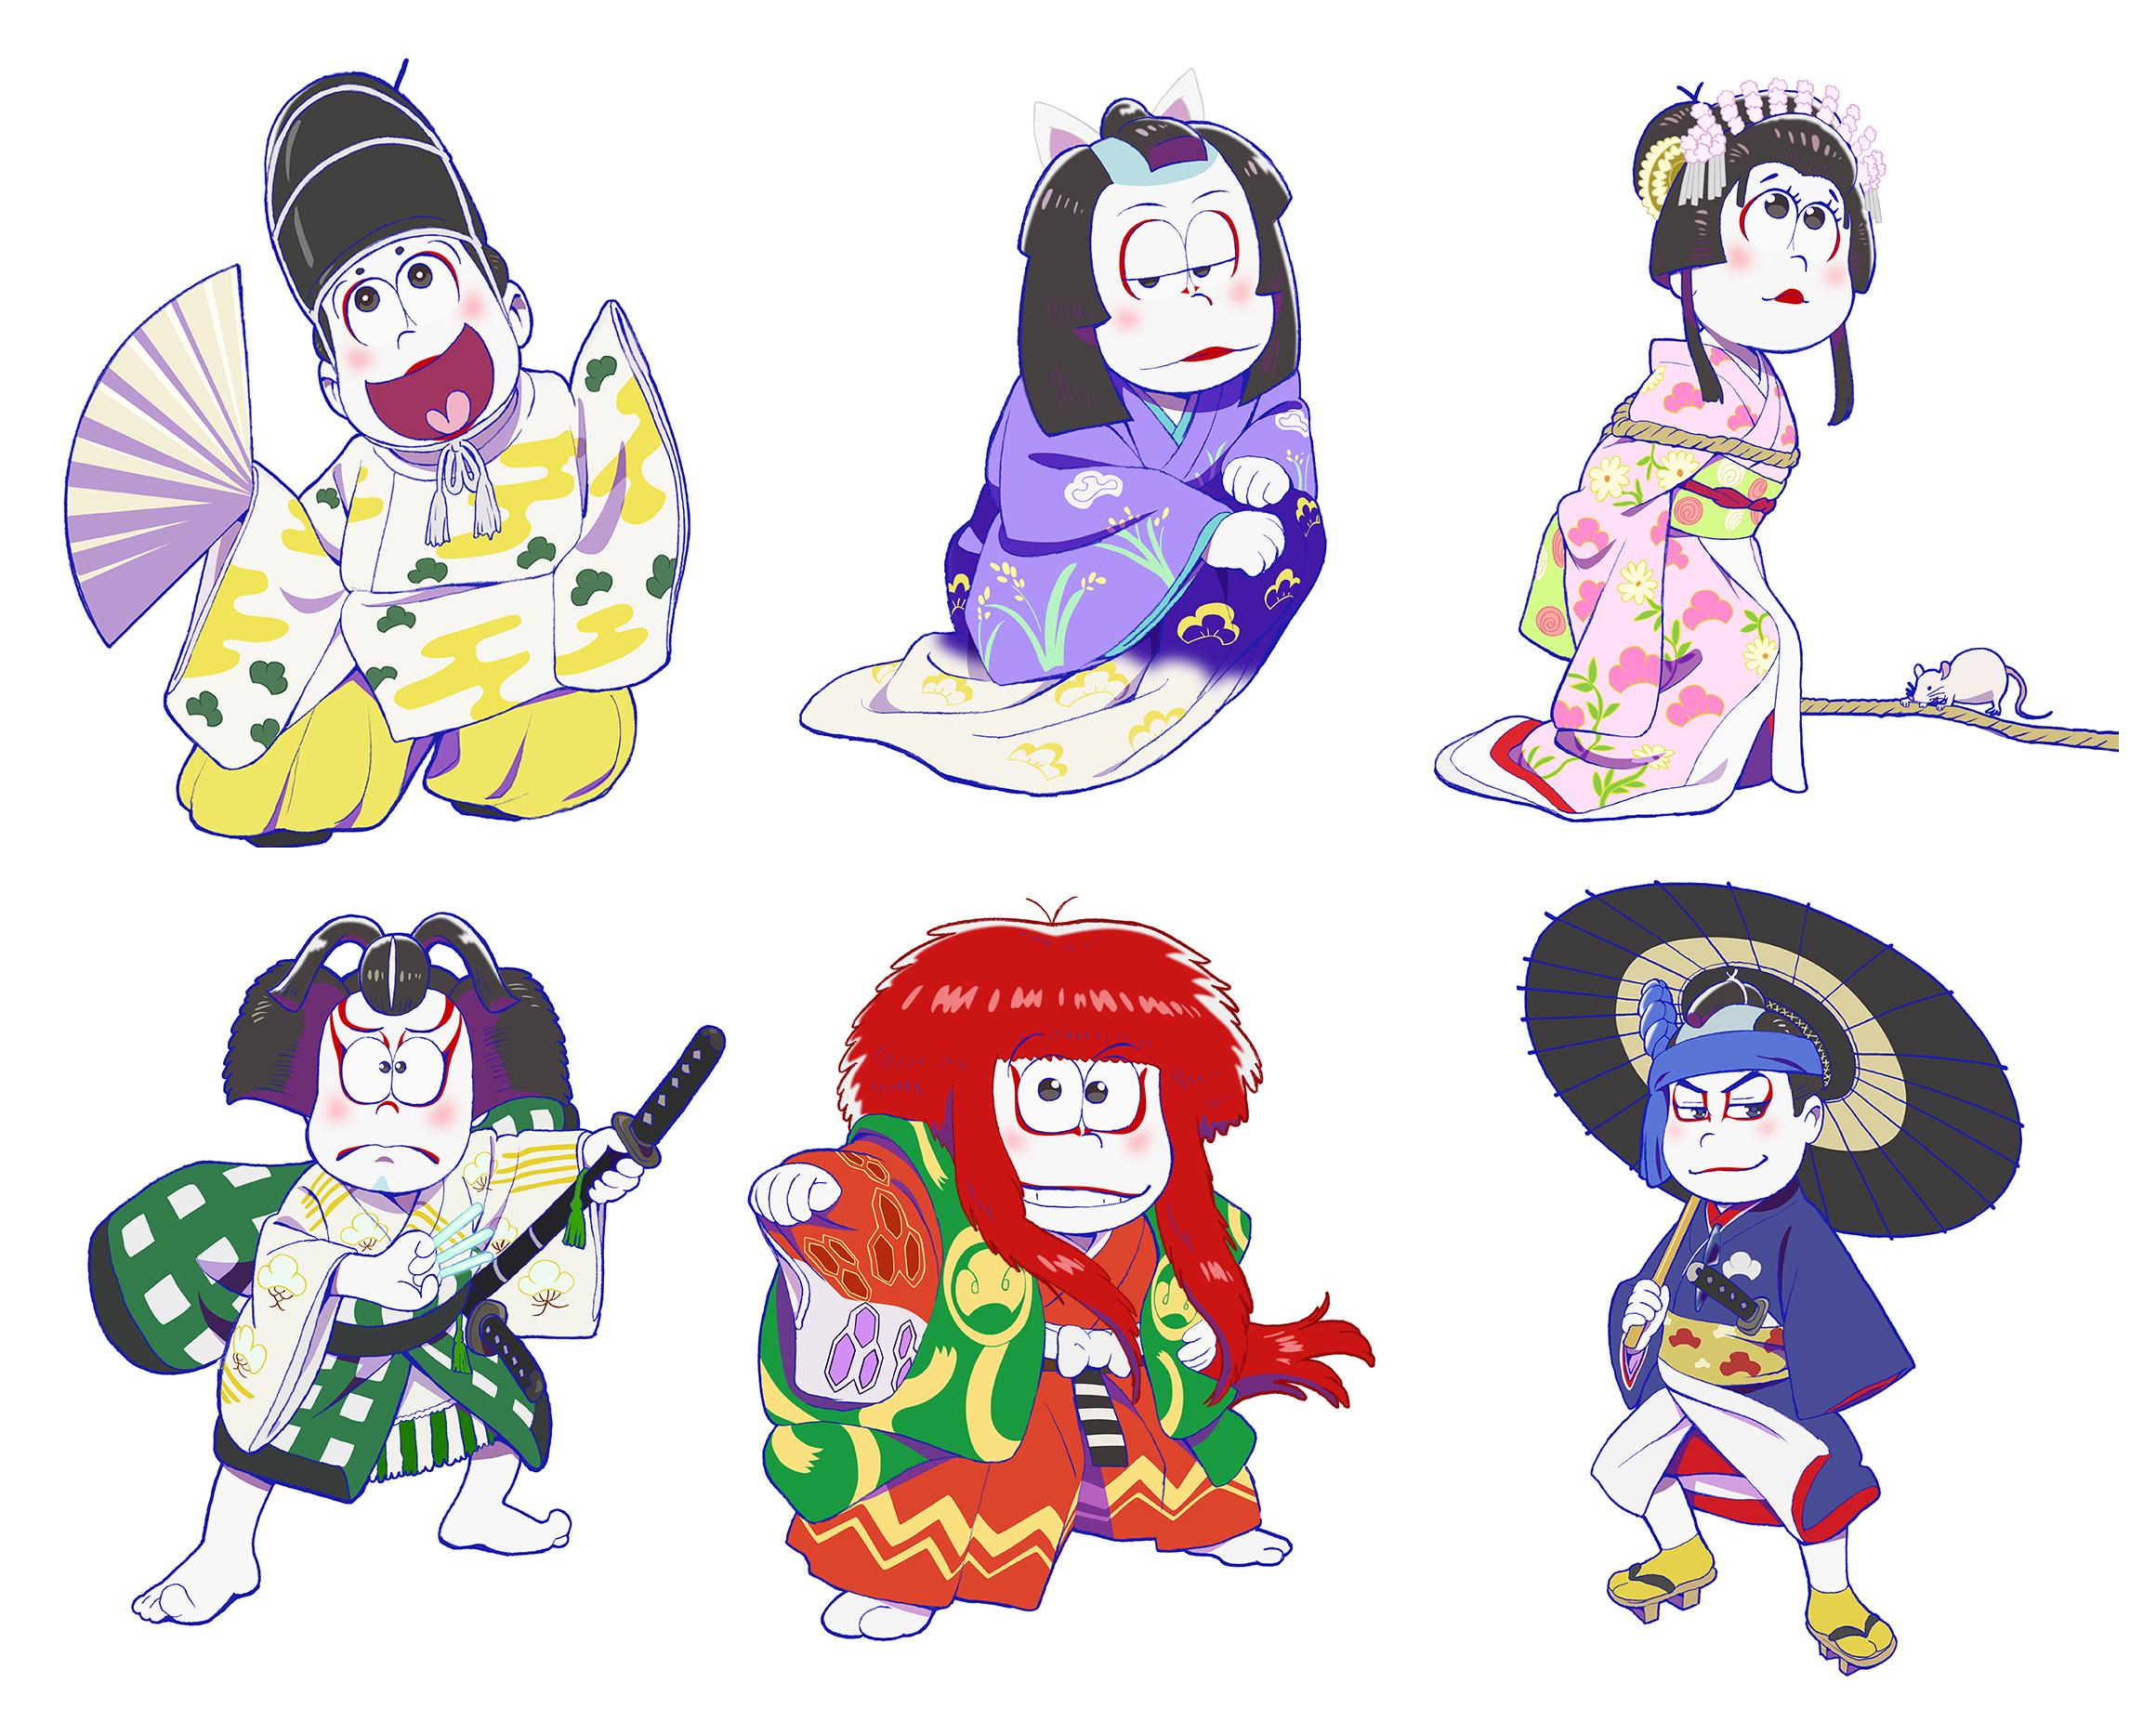 おそ松さん、歌舞伎とのコラボ商品発売!第1弾全ラインナップを紹介